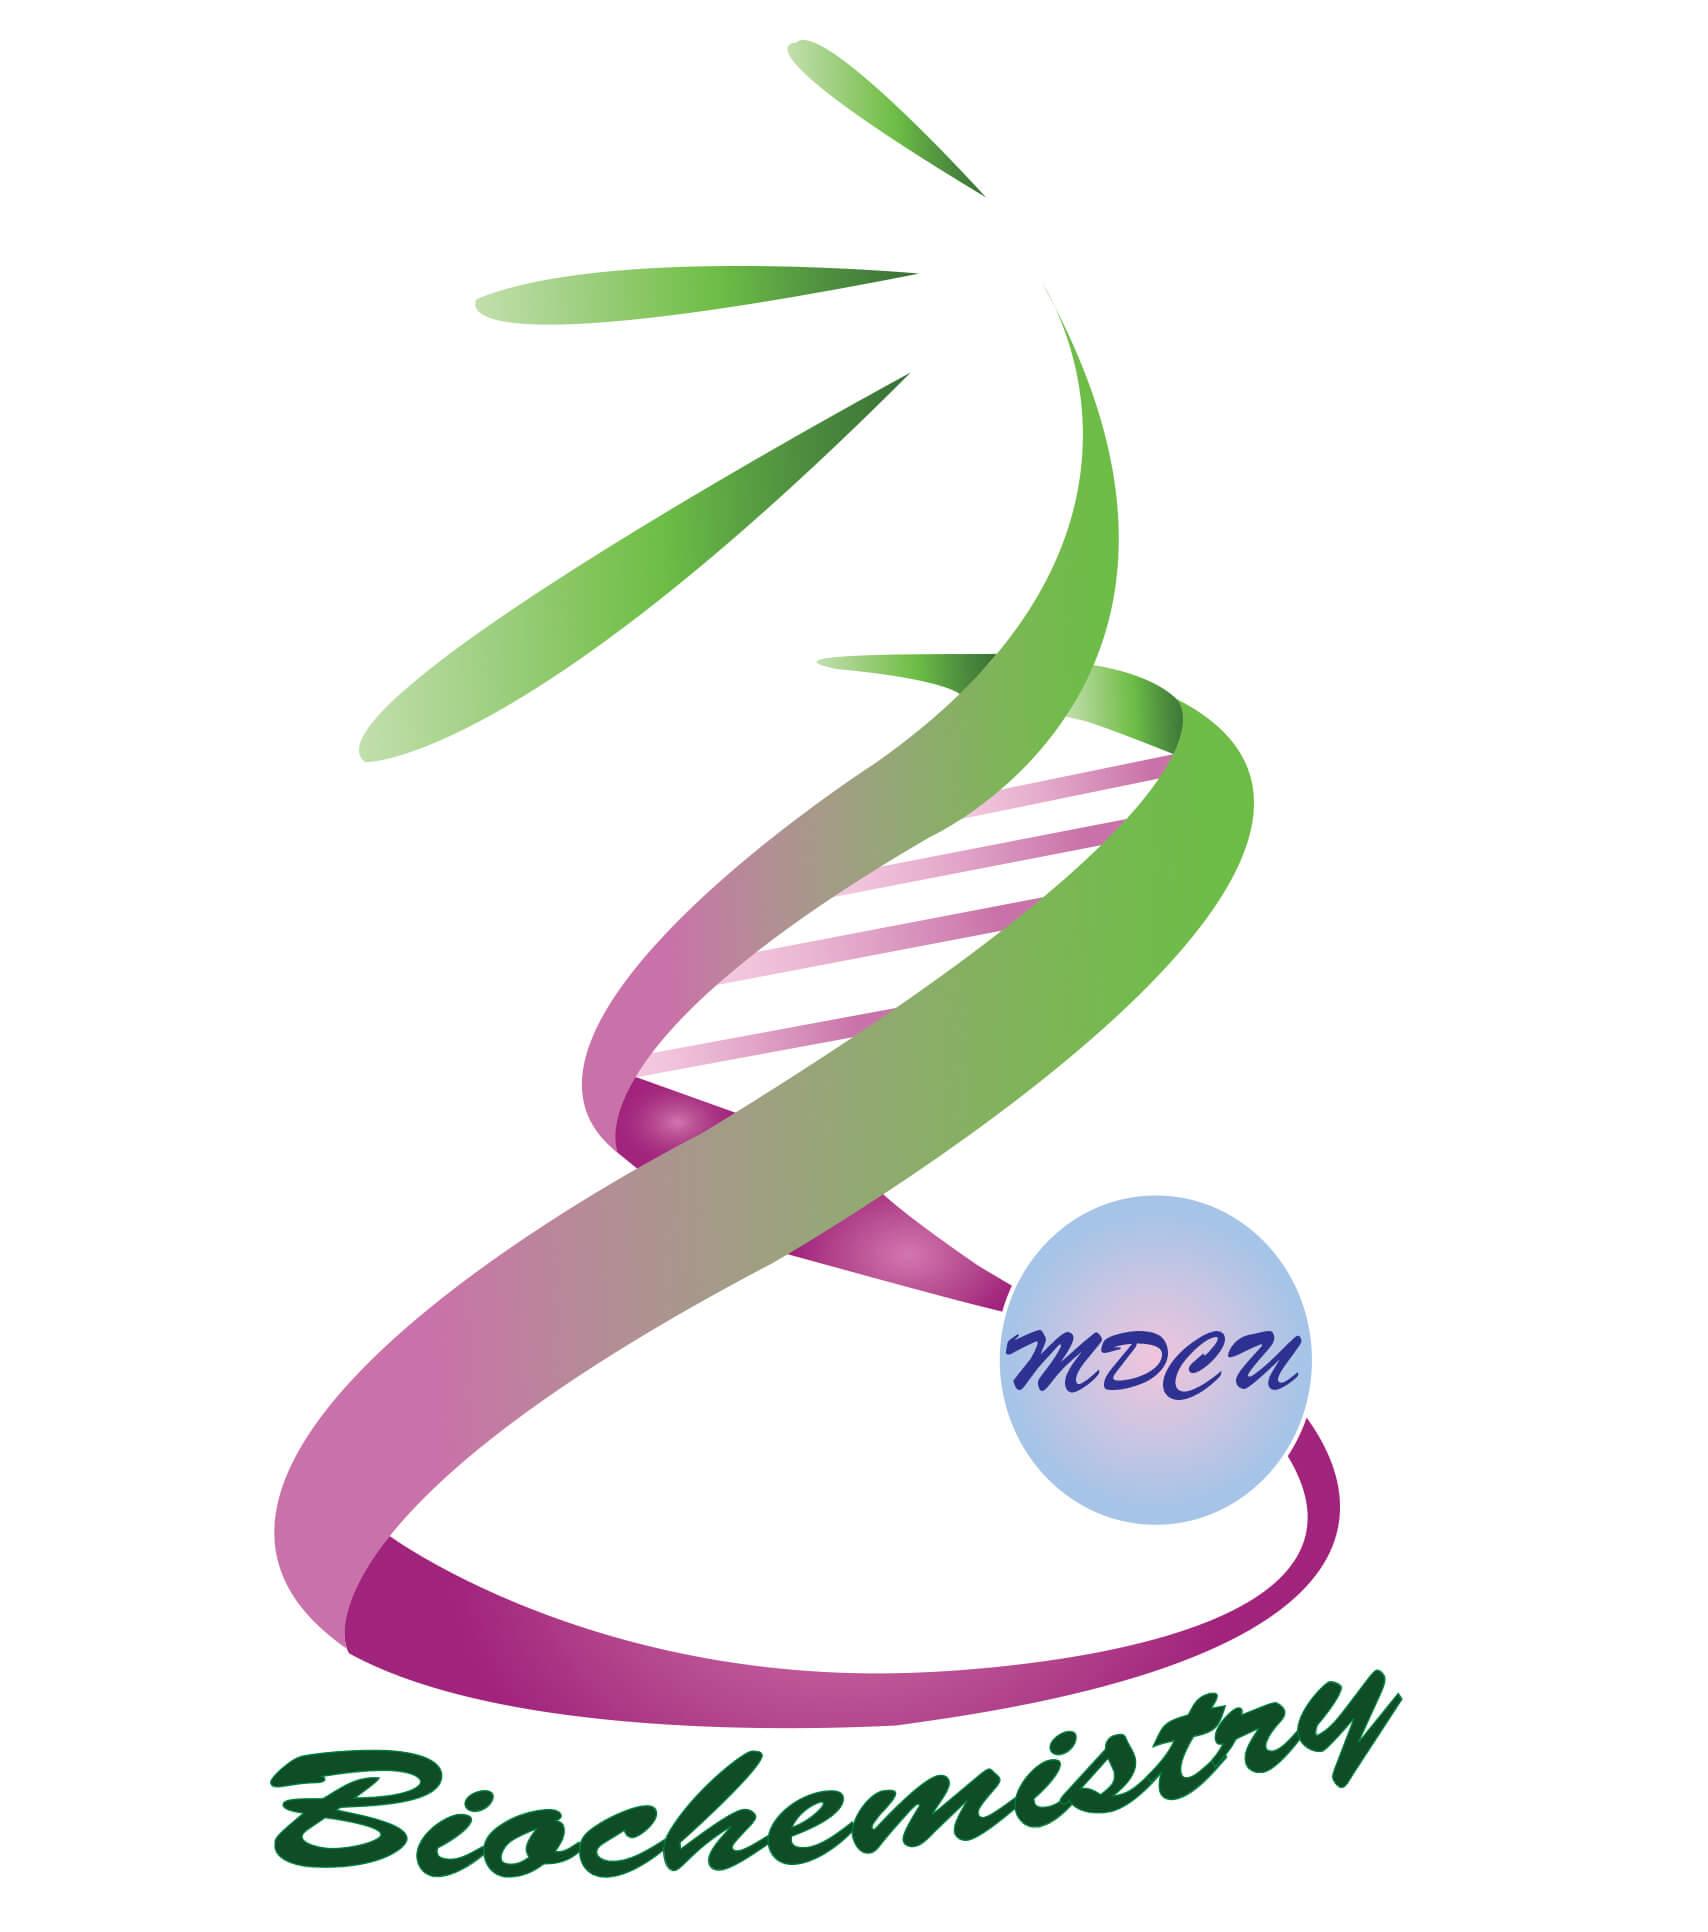 ภาควิชาชีวเคมี คณะแพทยศาสตร์ จุฬาลงกรณ์มหาวิทยาลัย